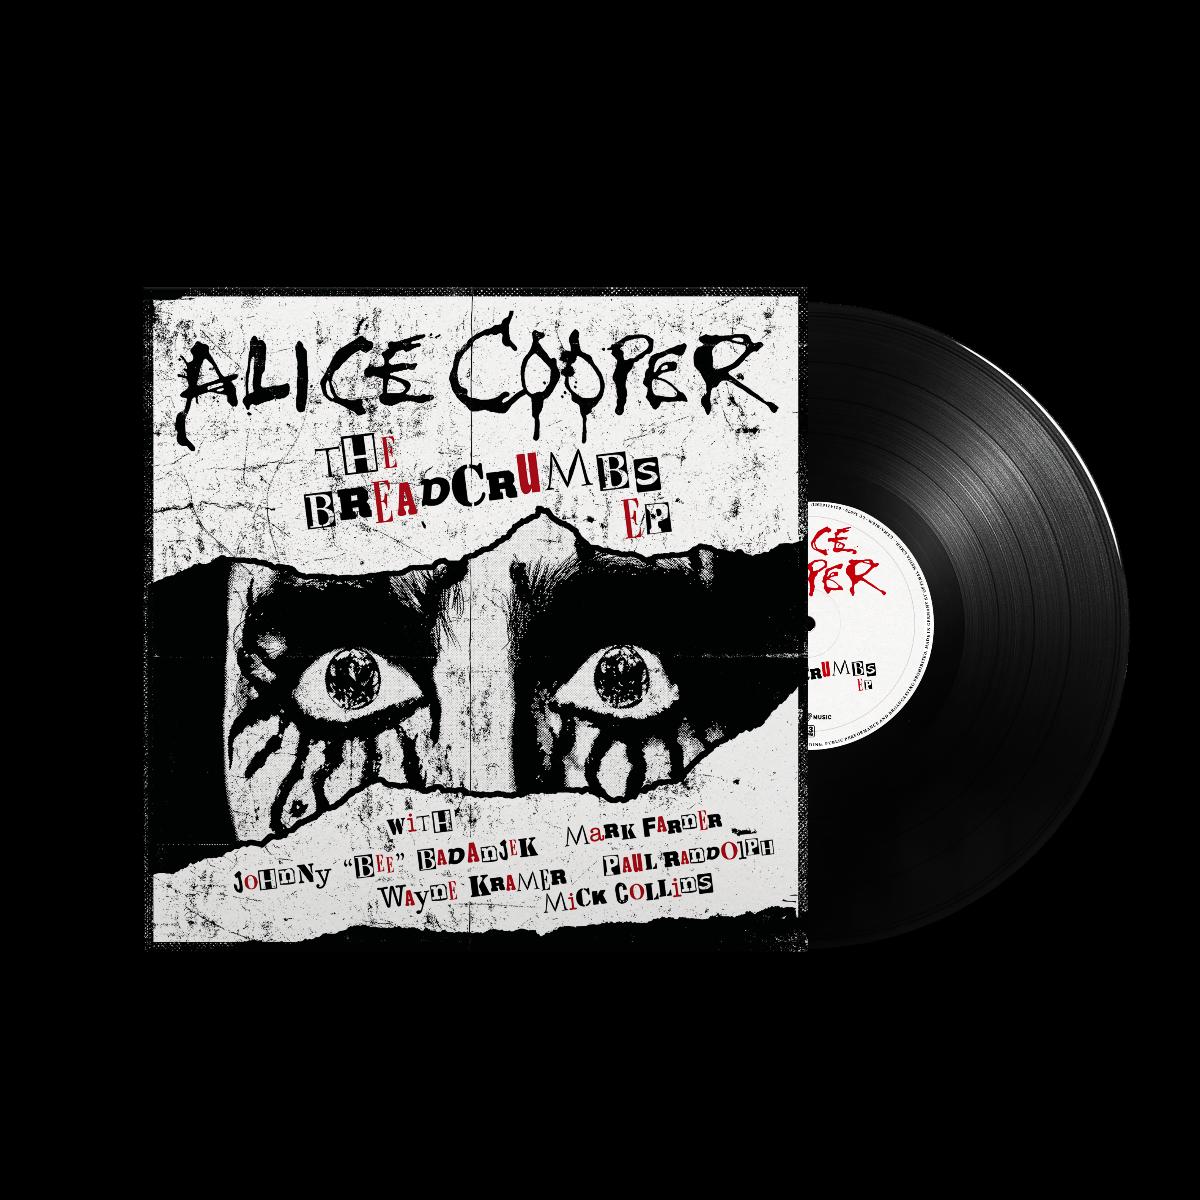 alicecooper-breadcrumbs